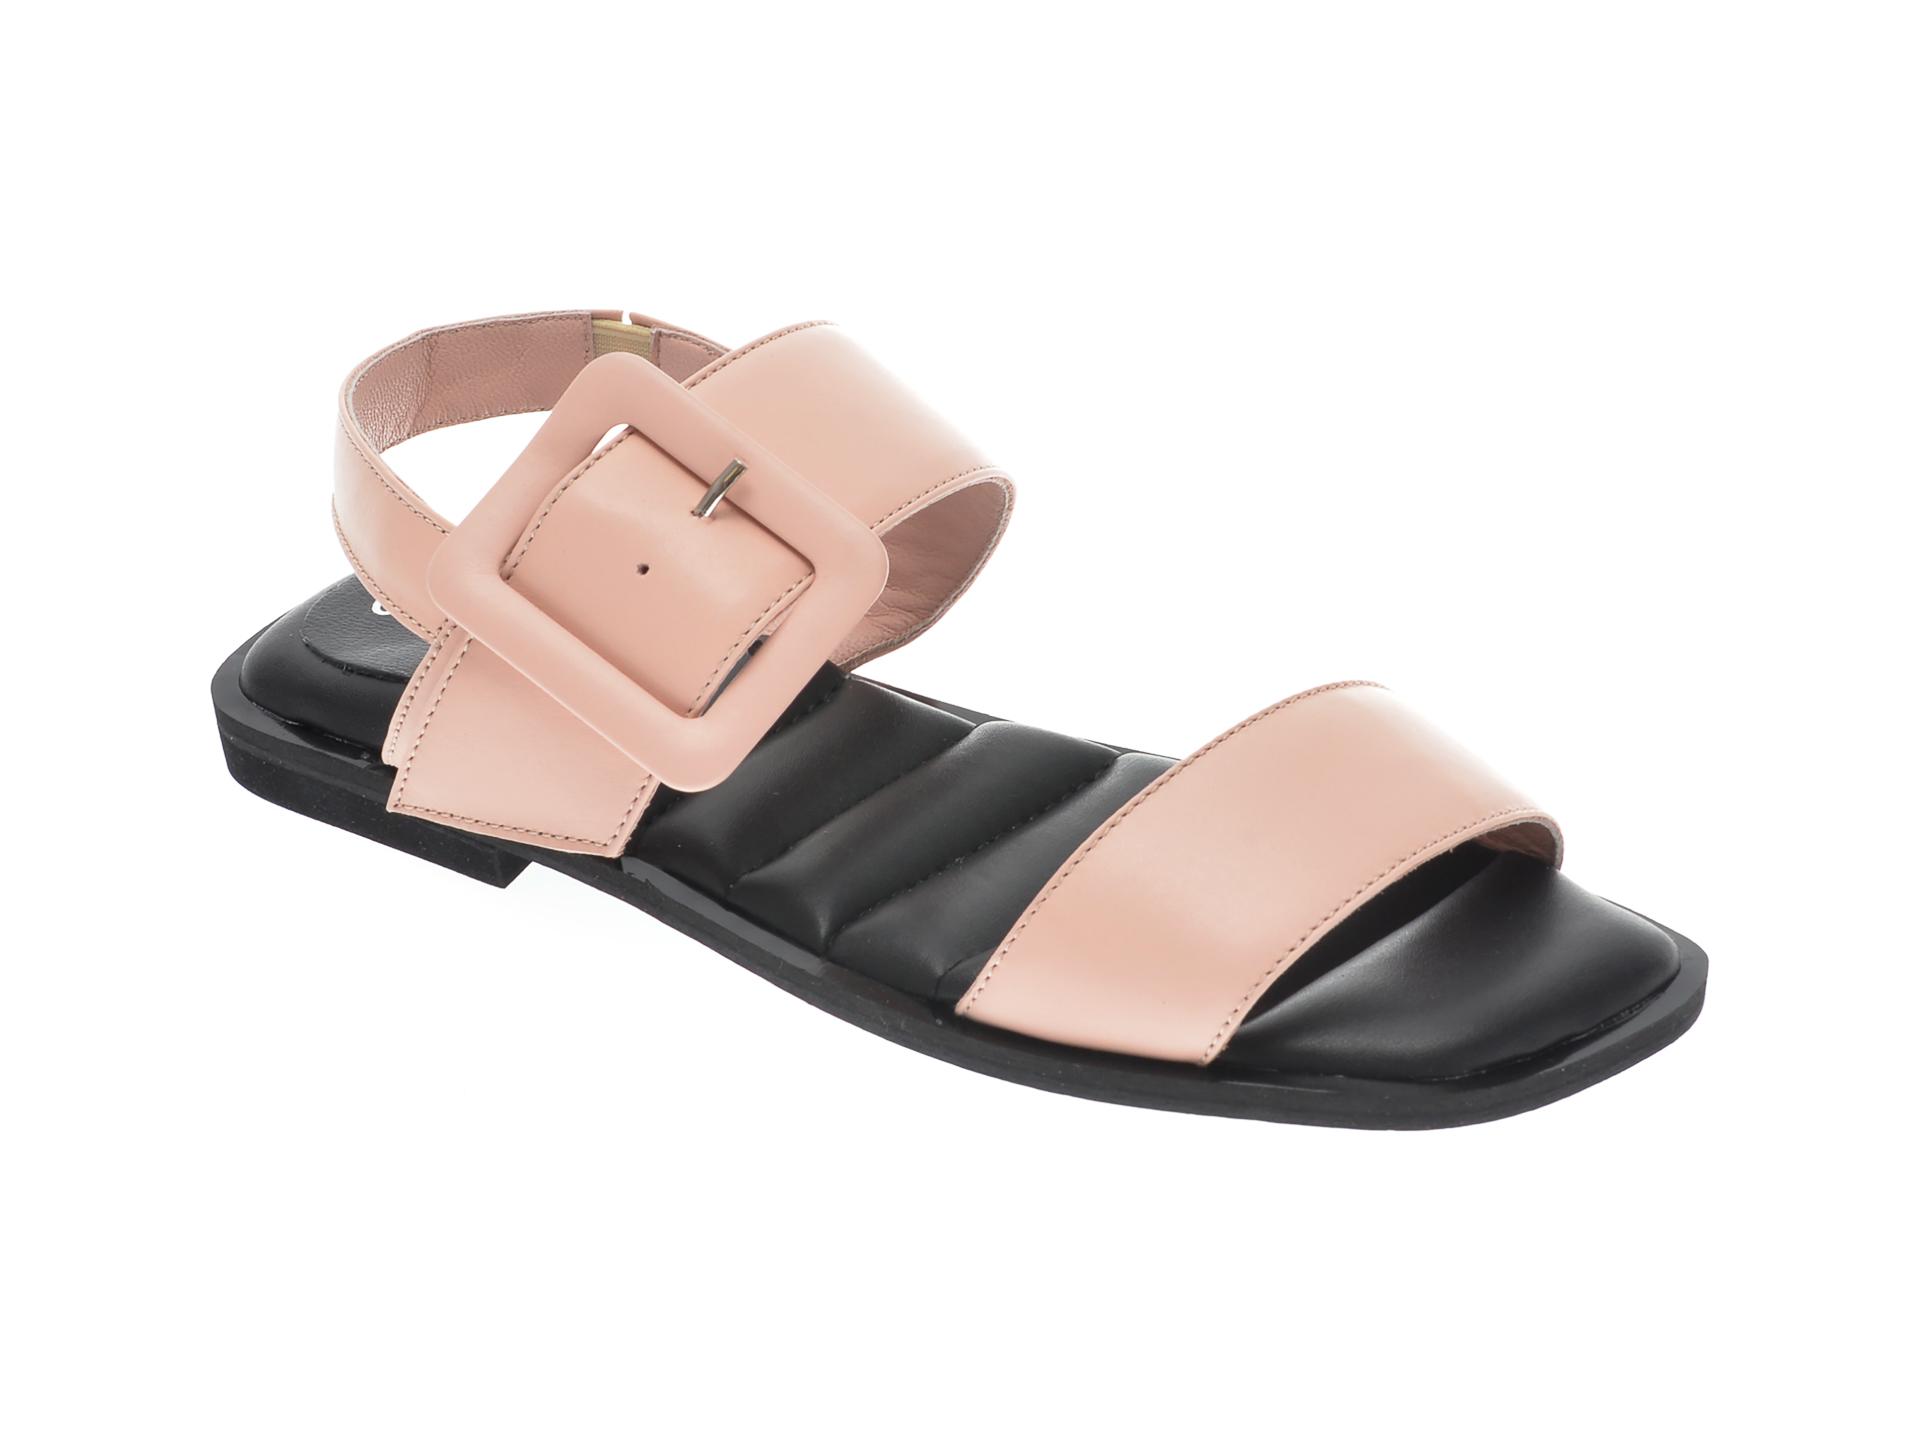 Sandale UNICA nude, A6419, din piele naturala